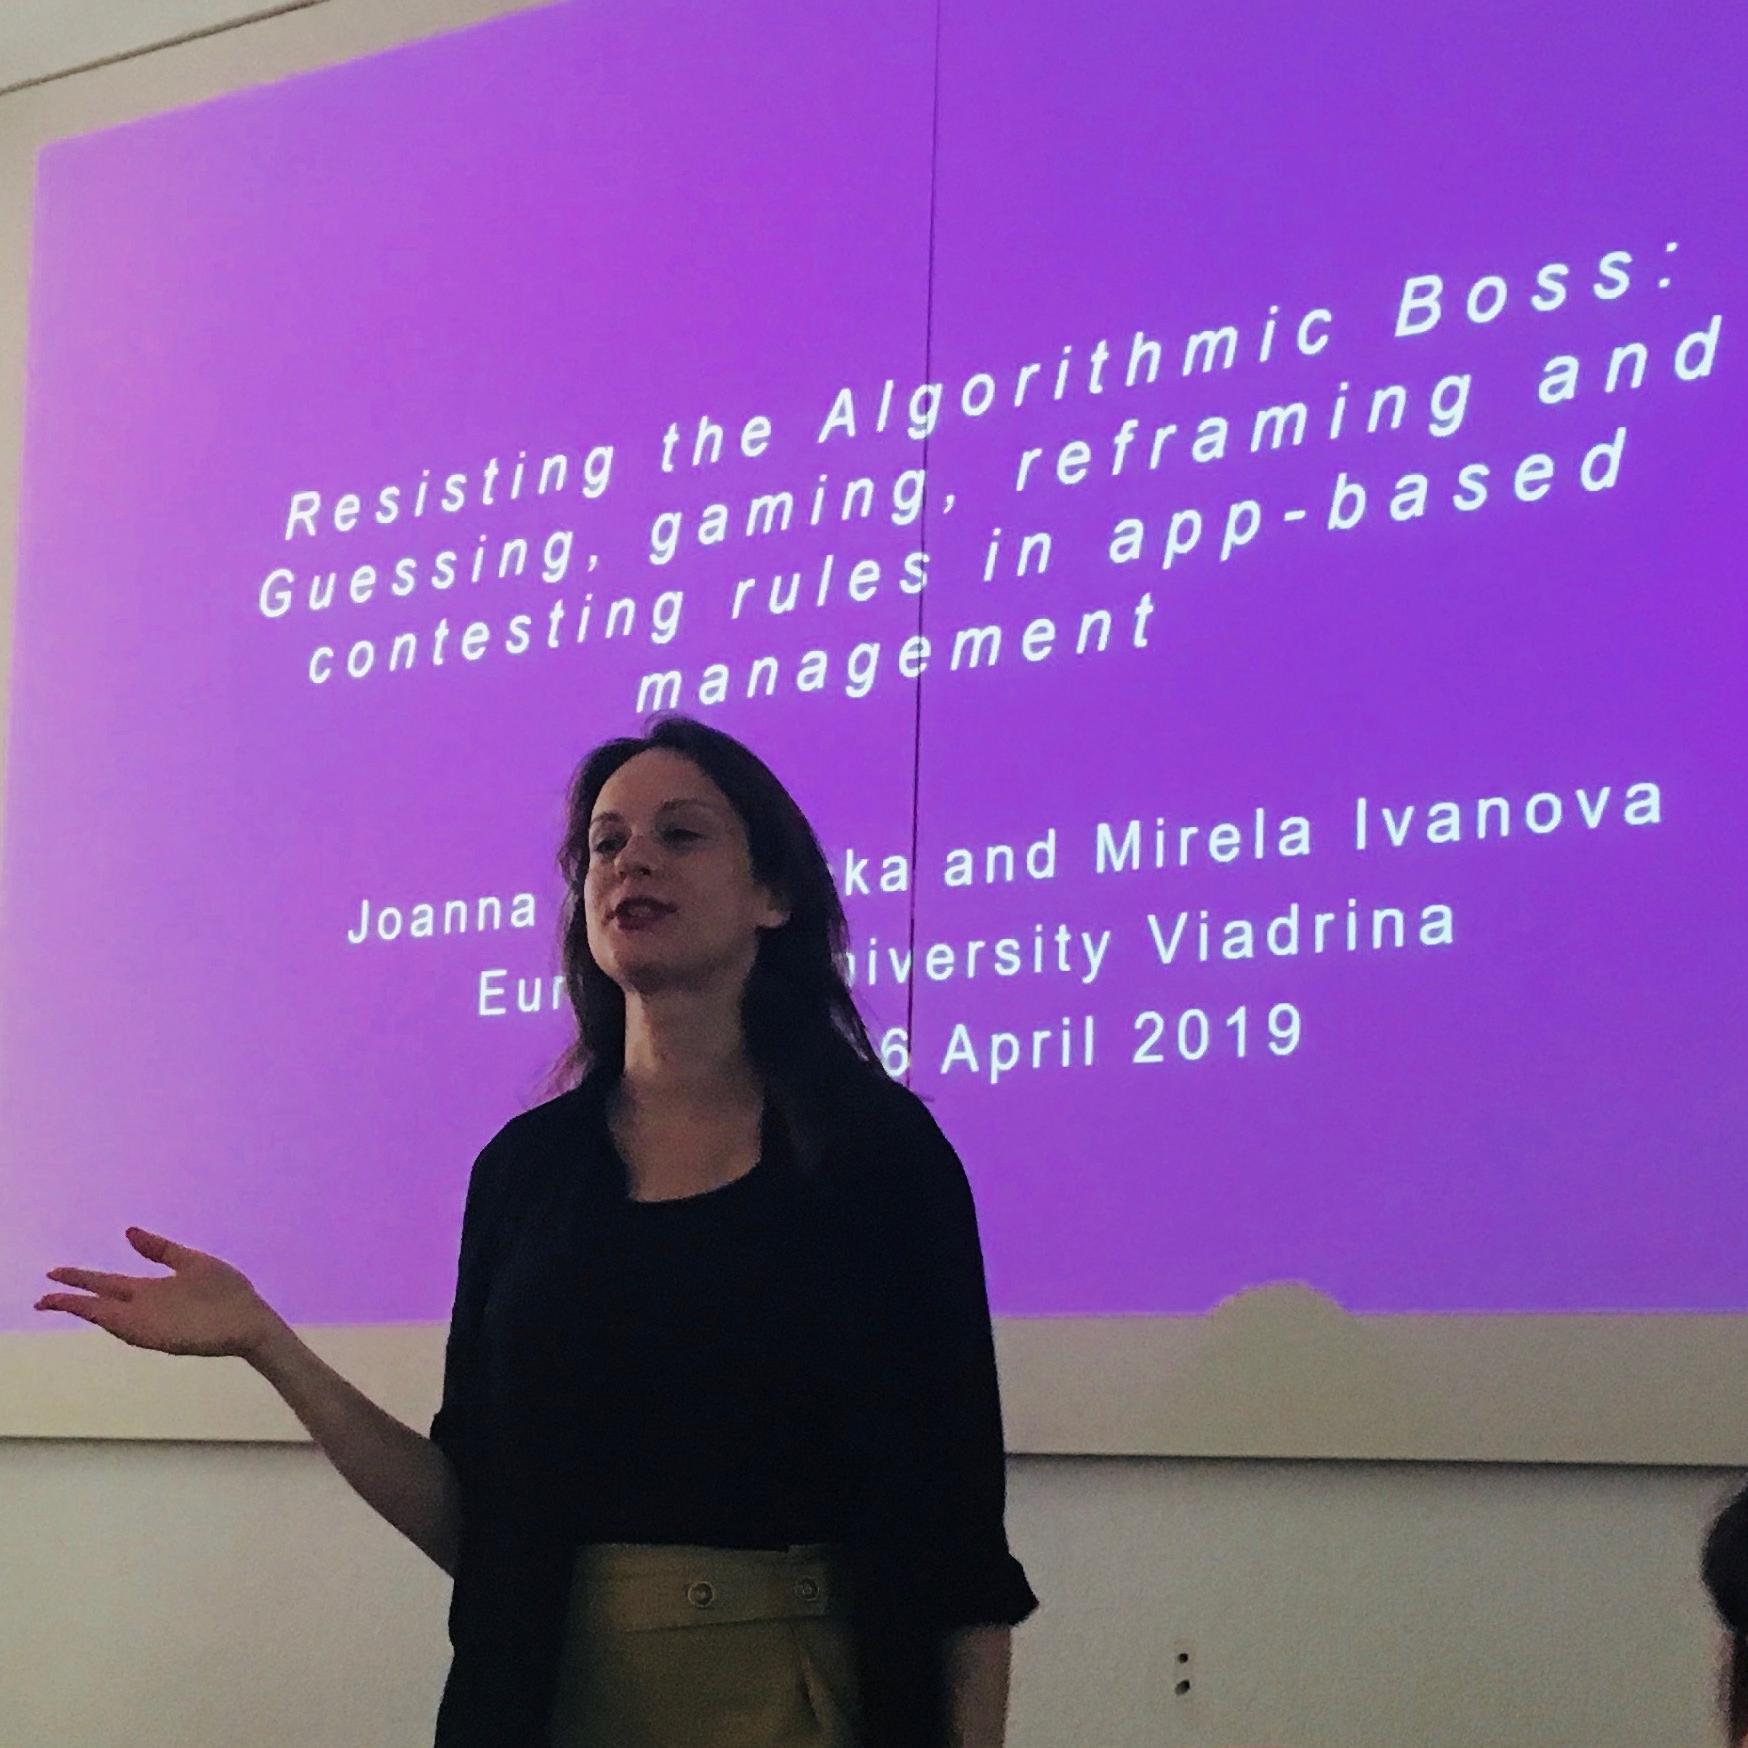 Zdjęcie: Konferencja naukowa International Labour Process Conference, Wiedeń, kwiecień 2019r.